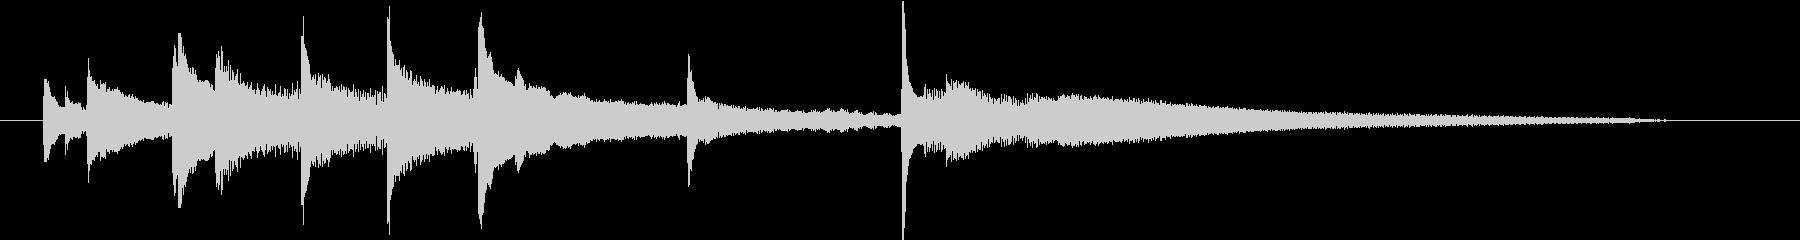 ジングル 場面転換ピアノソロの未再生の波形